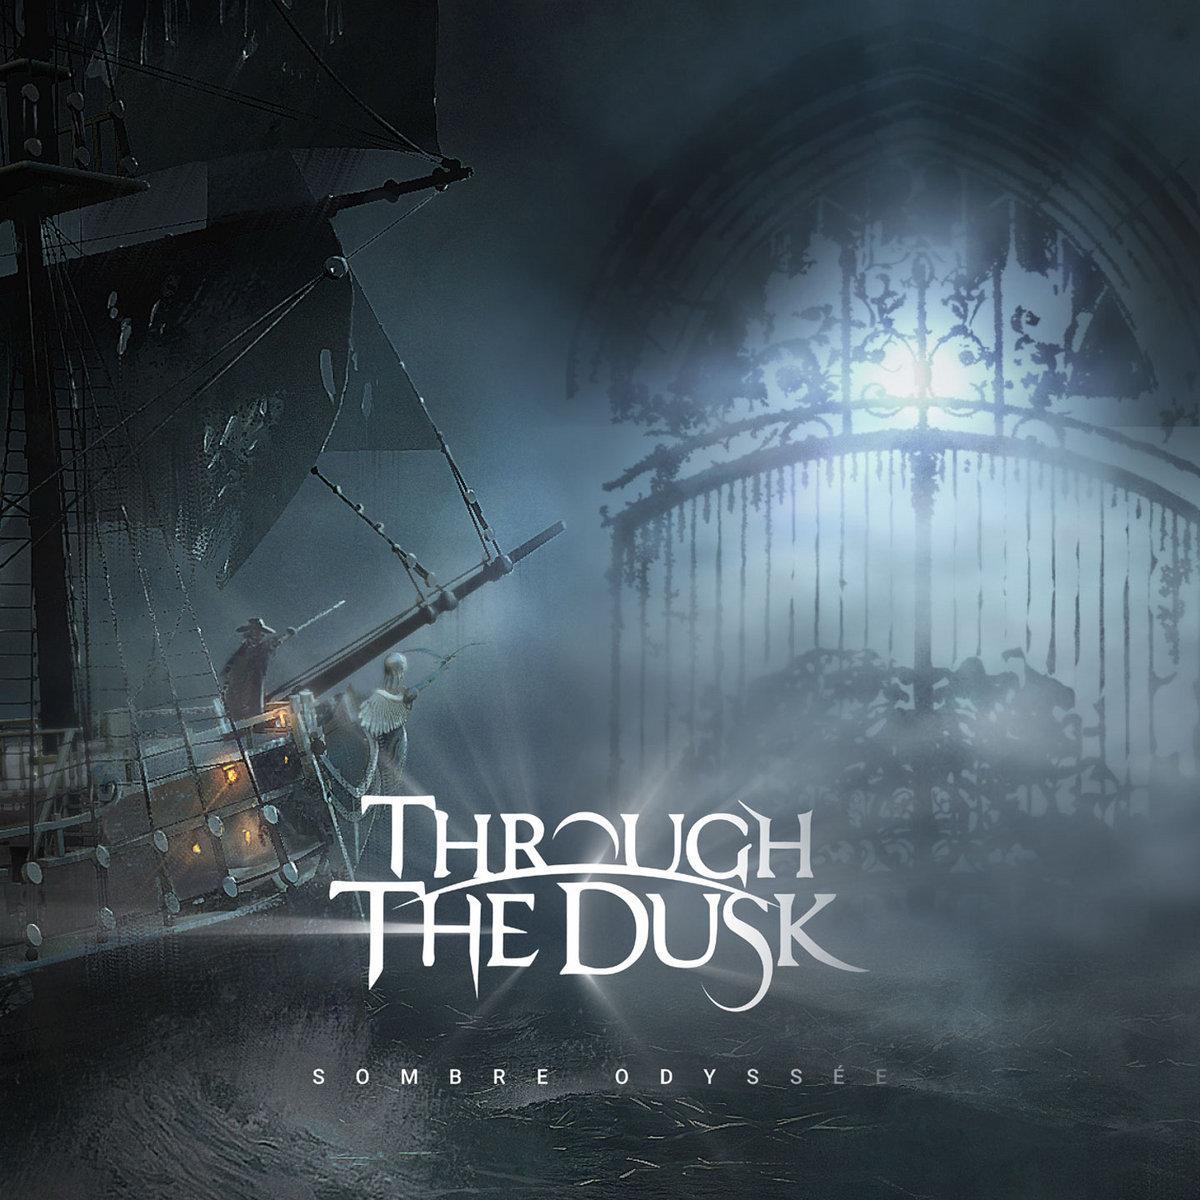 Through the dusk album